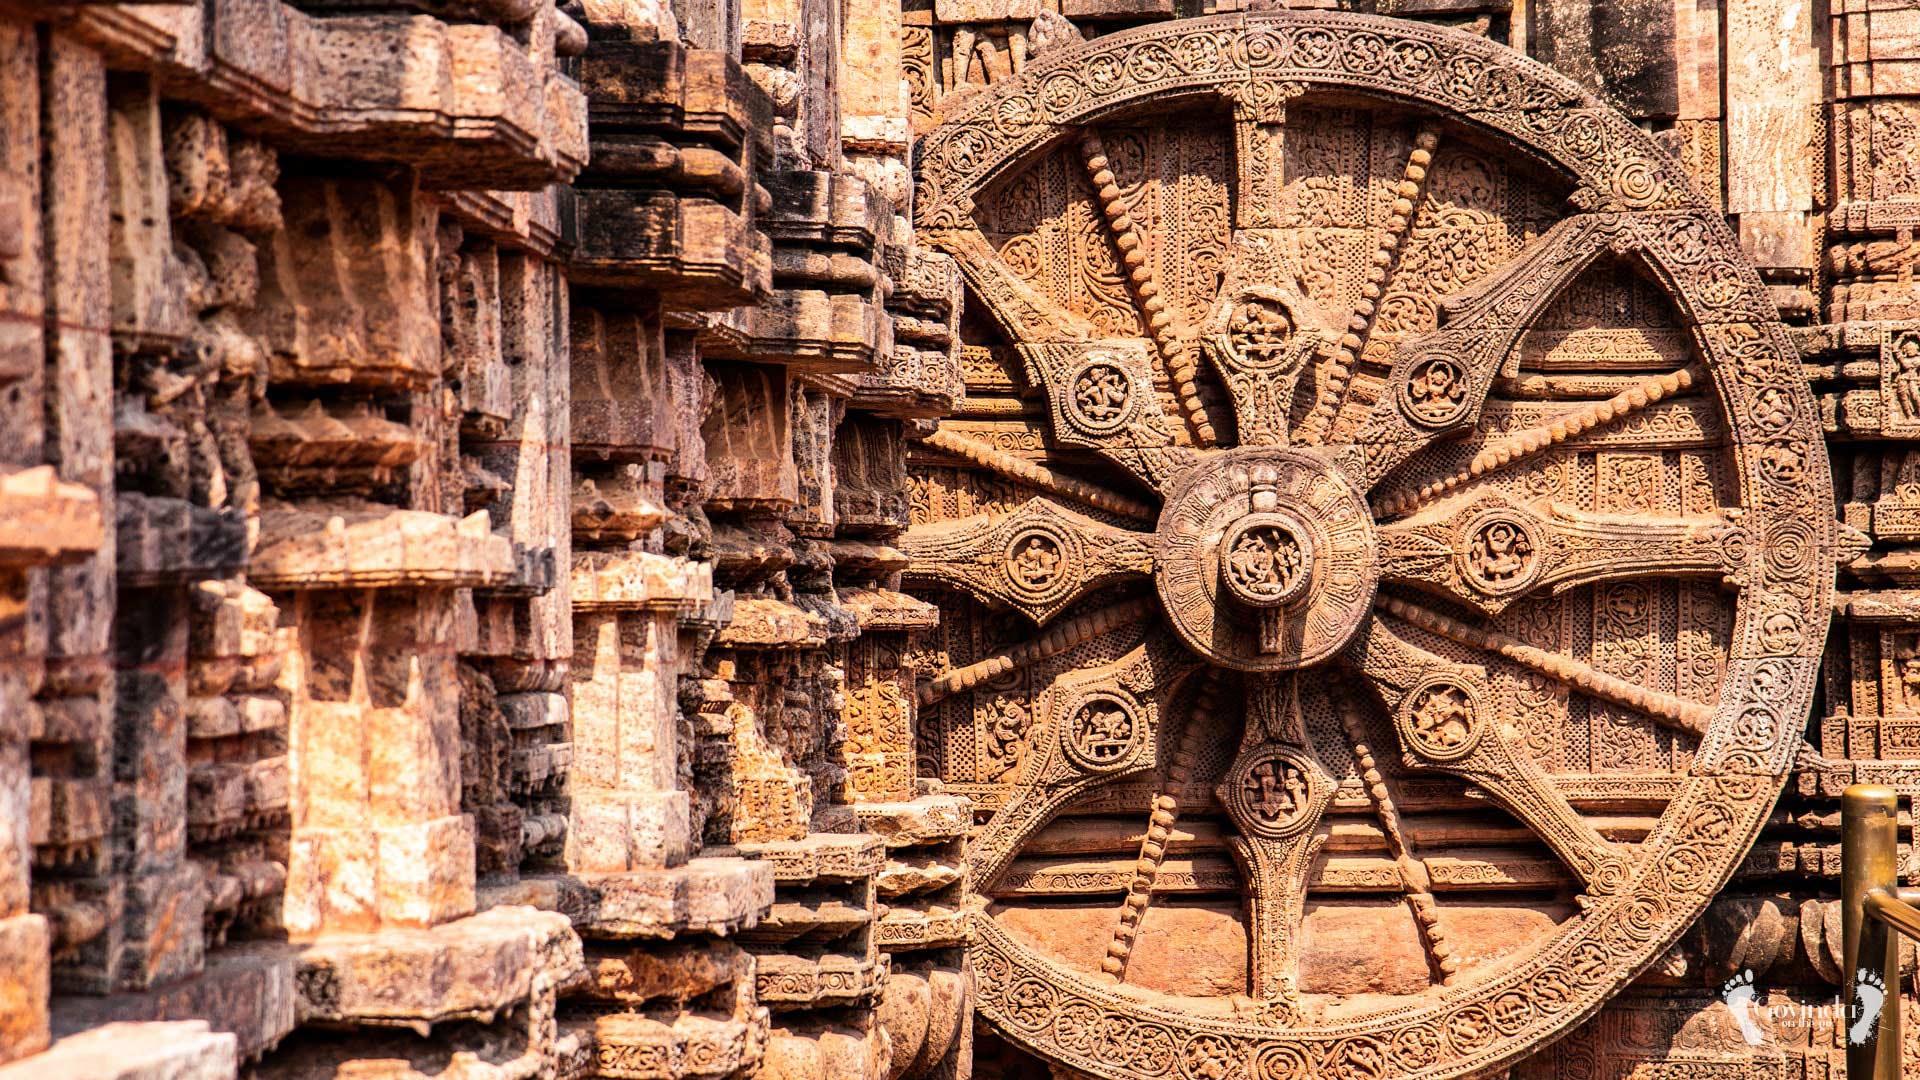 Wheel of time in Surya temple in Konark